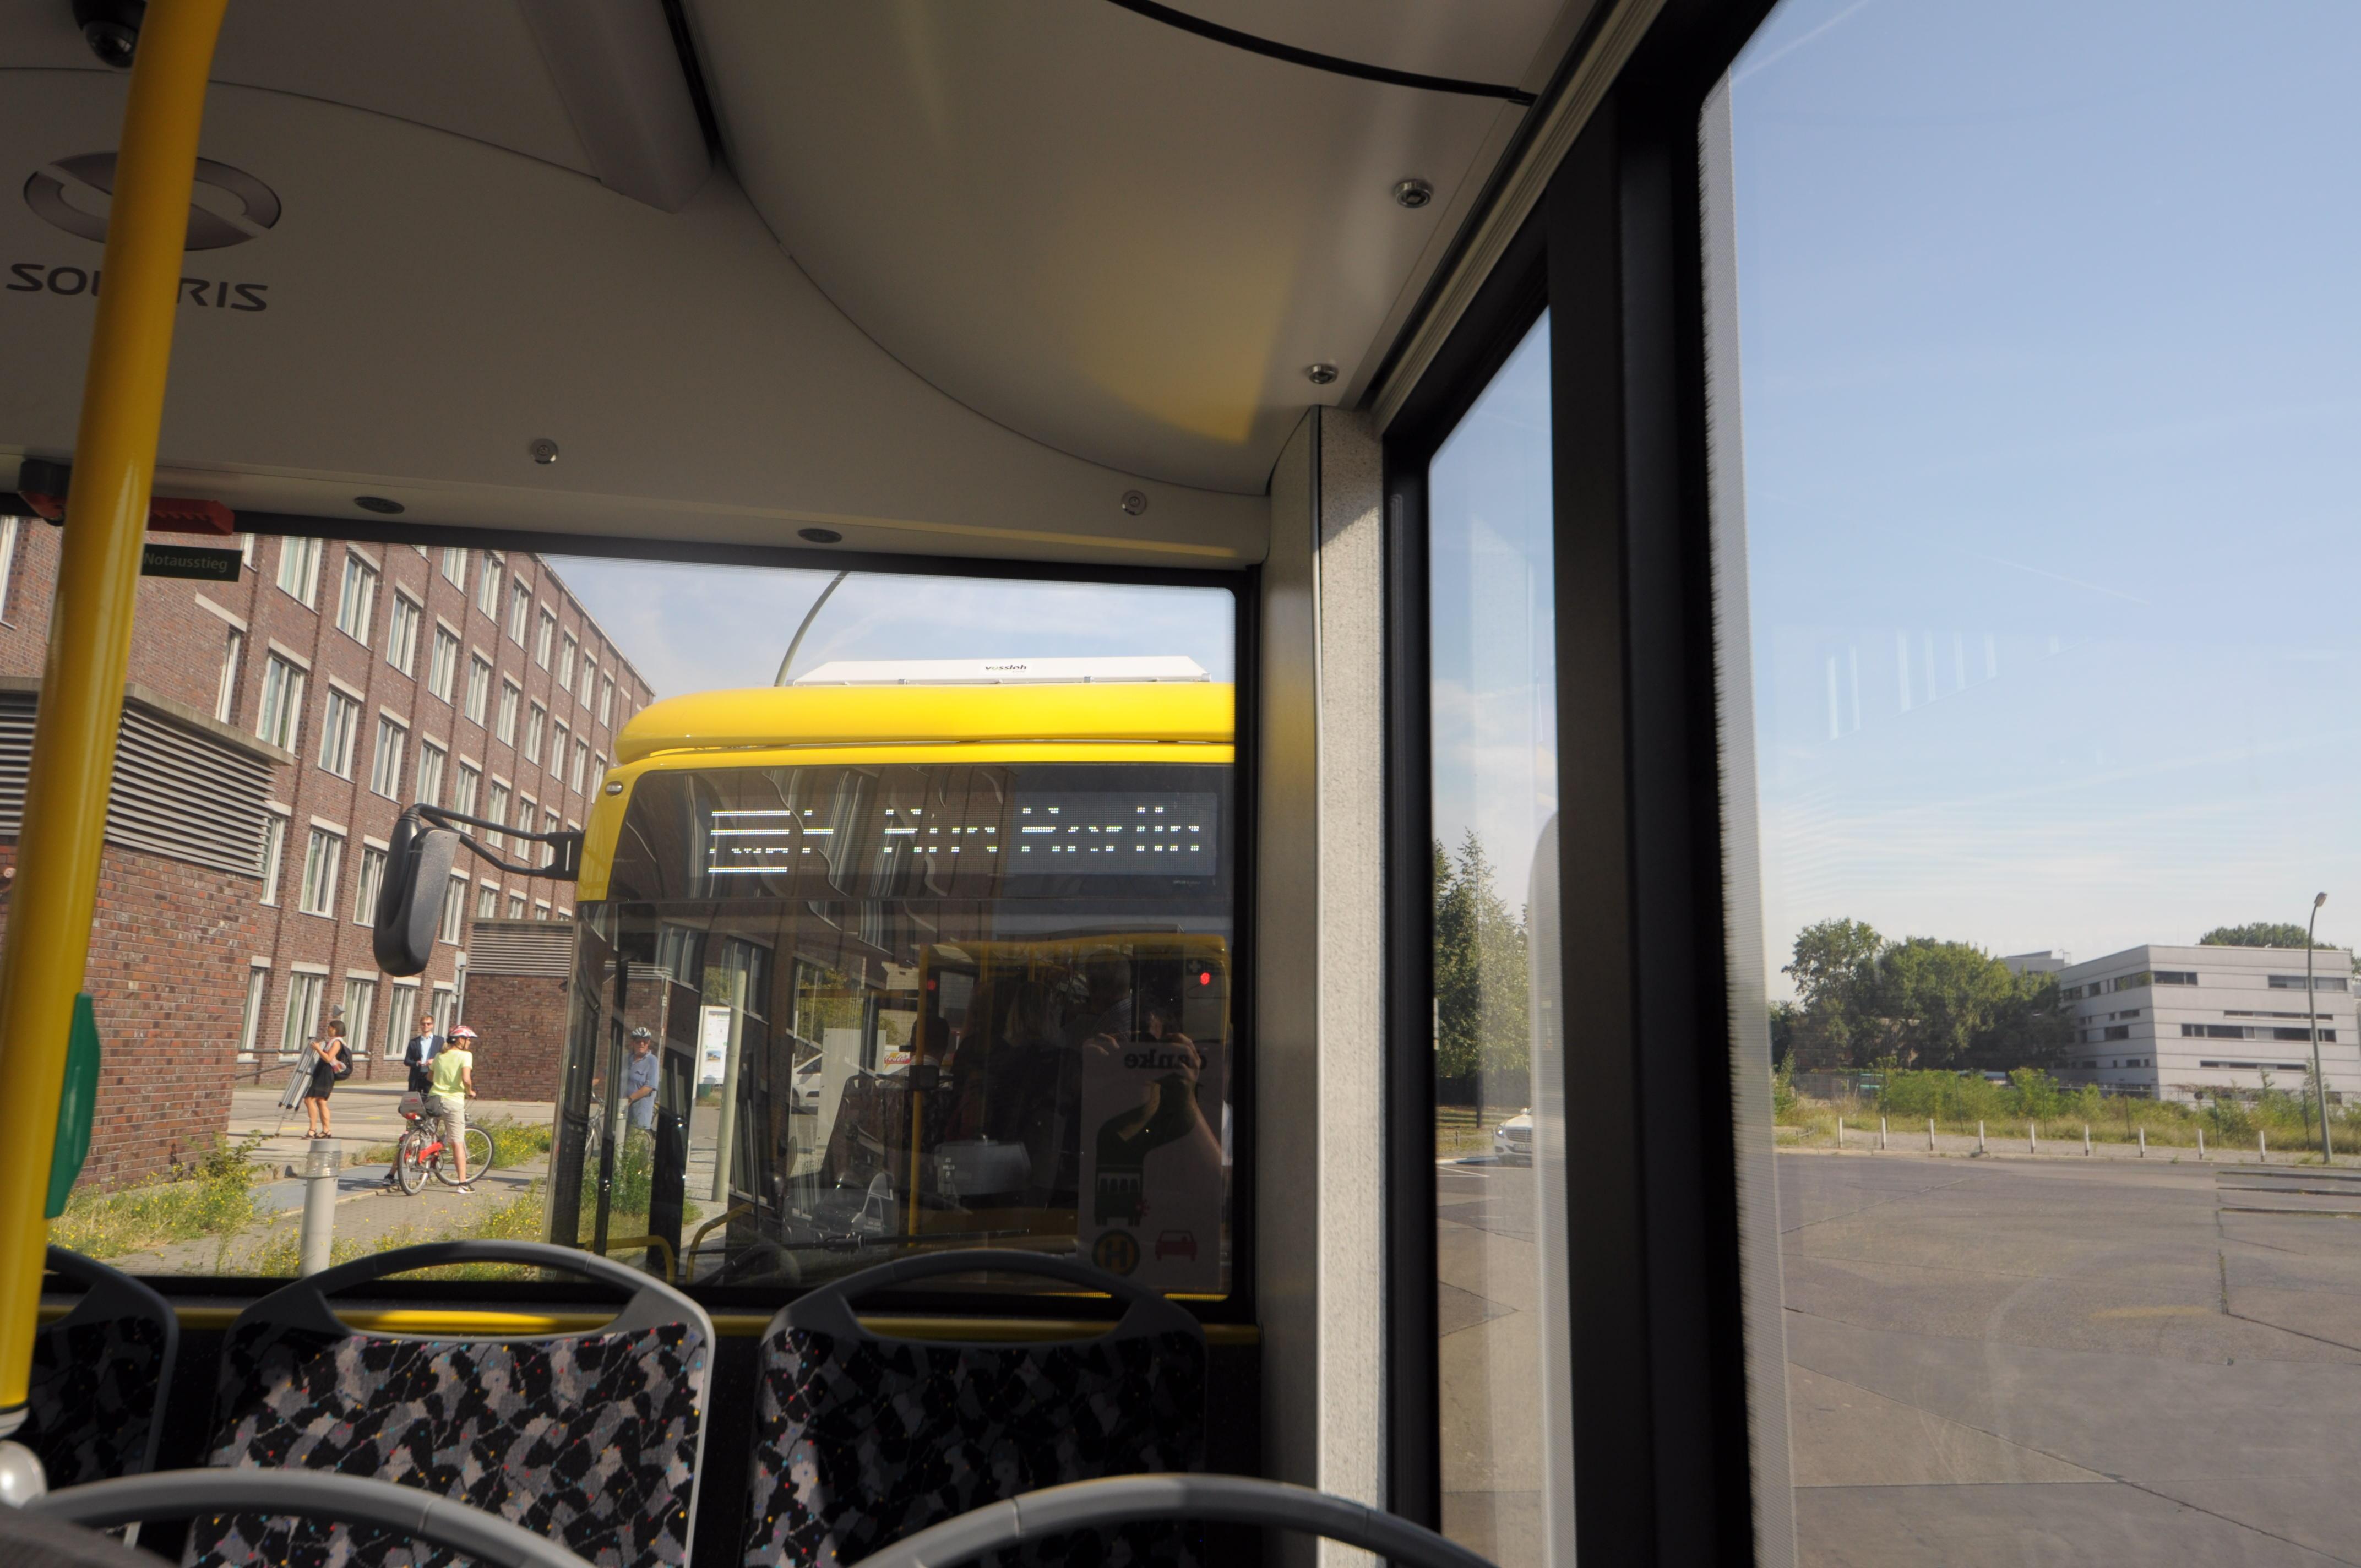 Nahverkehr: Hamburg und Berlin kaufen gemeinsam saubere Busse - Abfahrt von der Endhaltestelle Zoo ... (Foto: Andreas Sebayang/Golem.de)